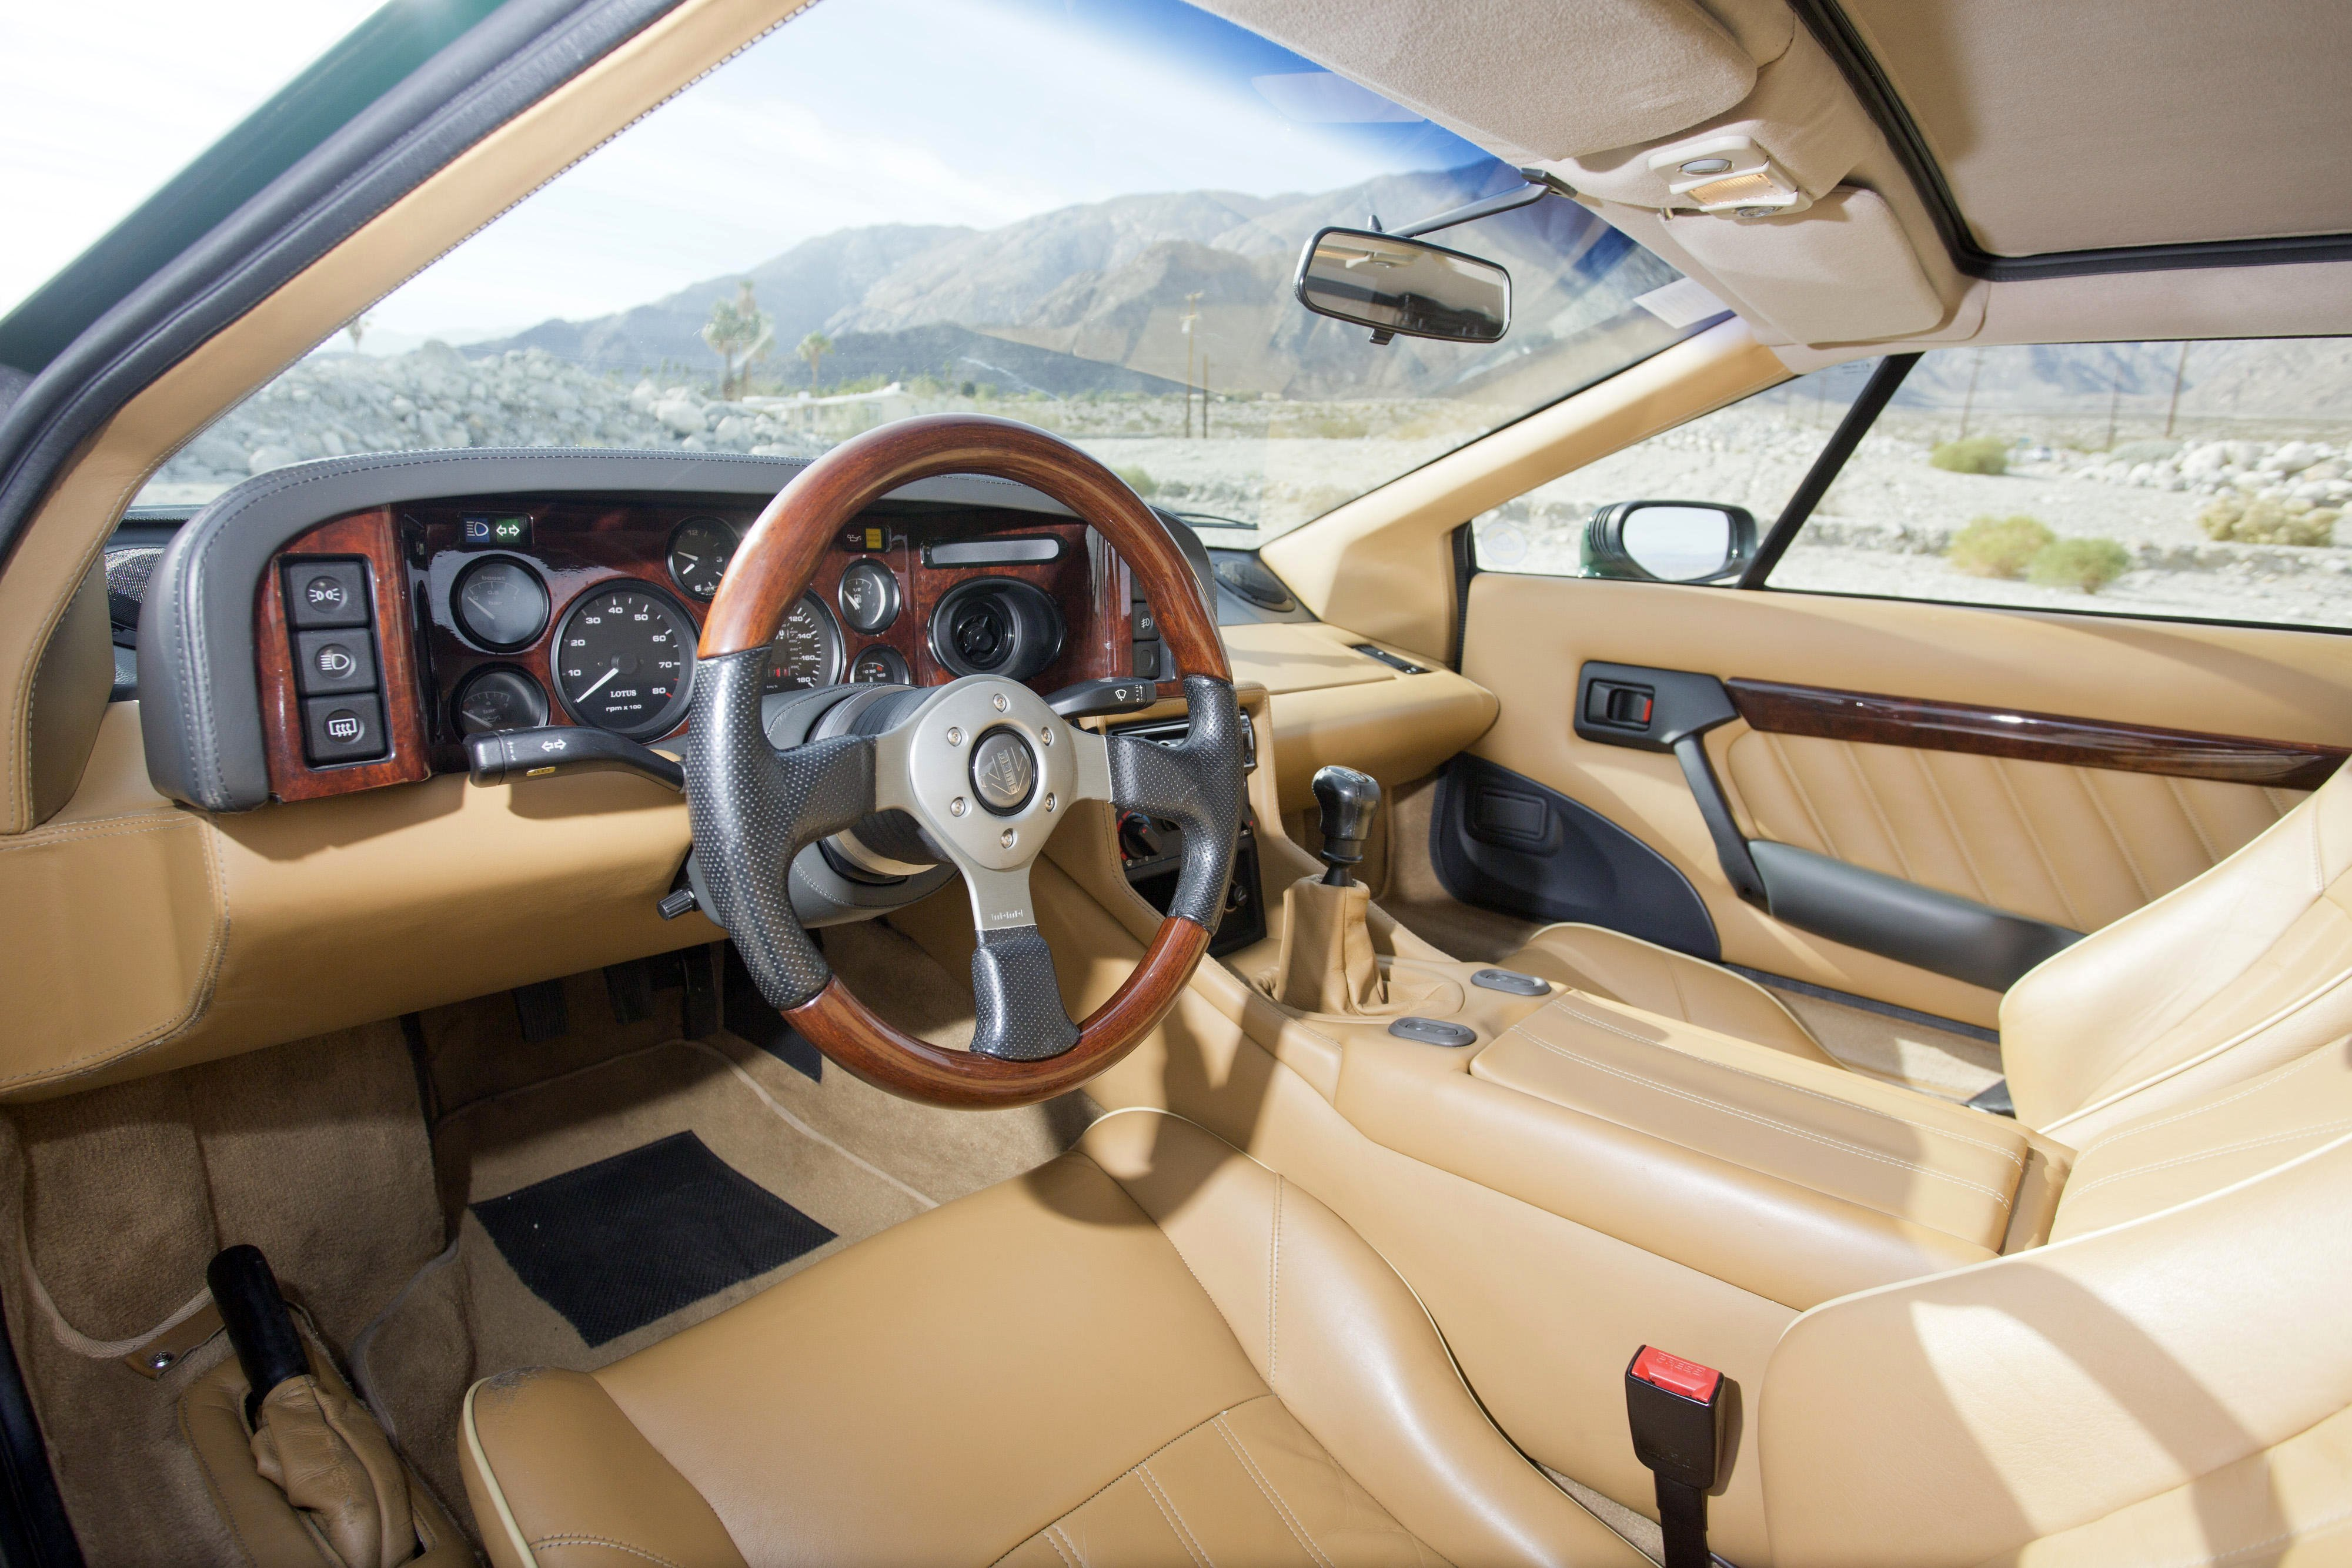 Lotus esprit s4s coupe classic cars 1995 interior wallpaper lotus esprit s4s coupe classic cars 1995 interior wallpaper 4000x2667 626396 wallpaperup vanachro Choice Image